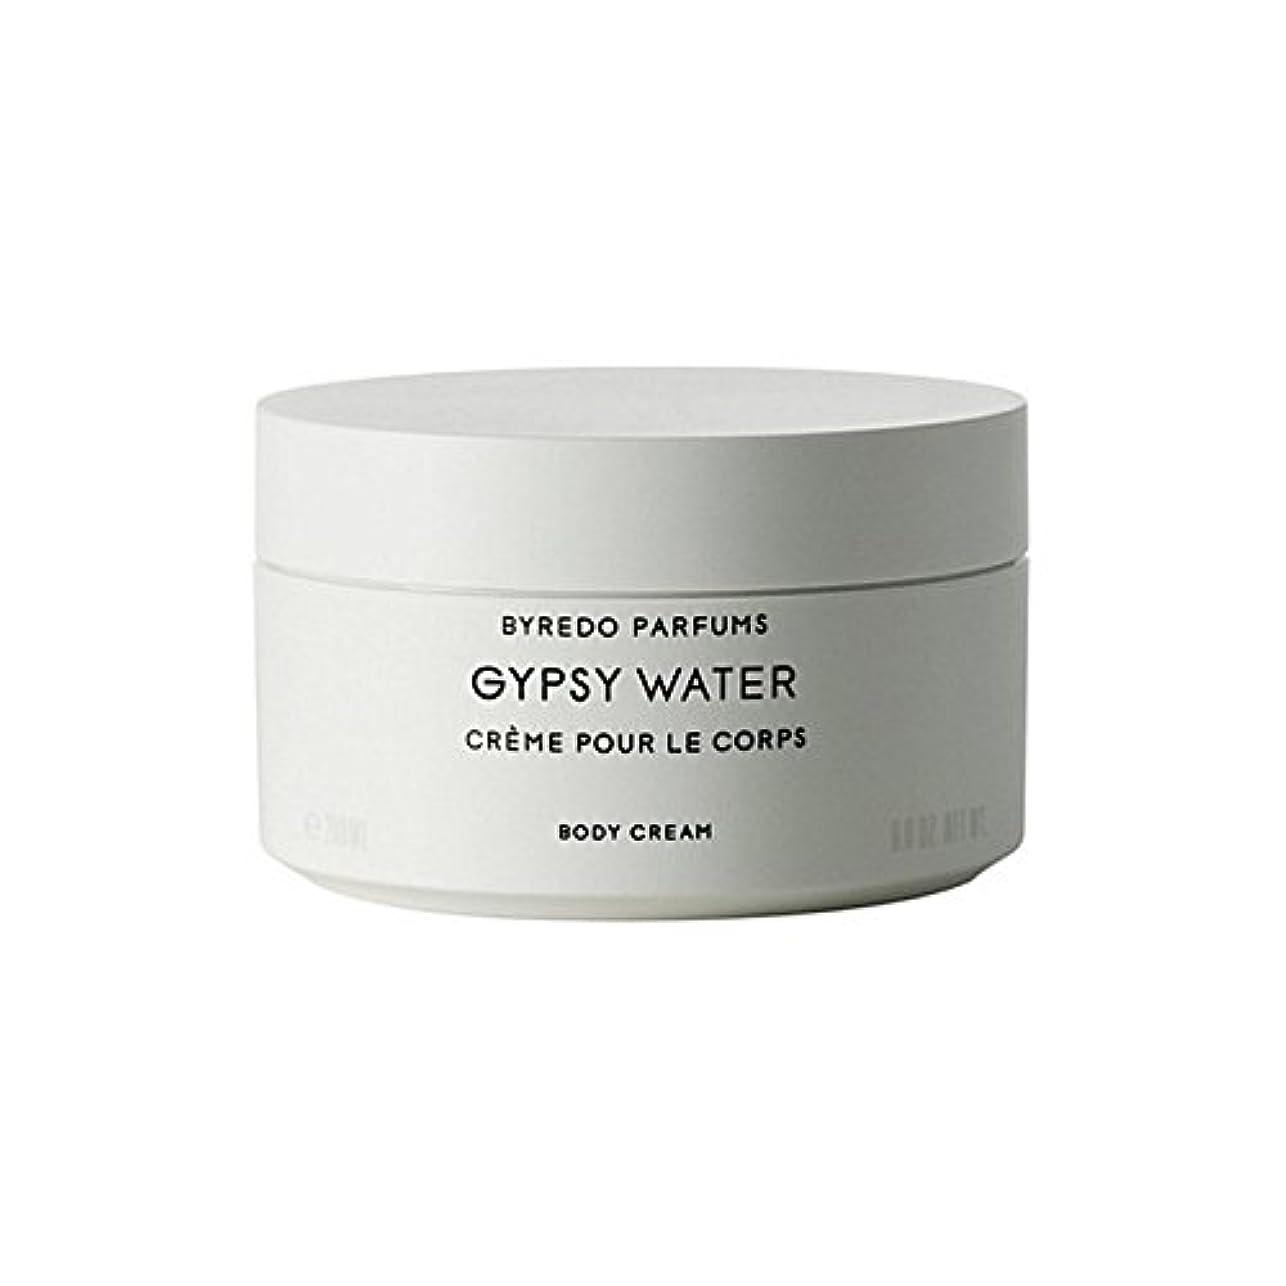 コウモリシガレットバケツジプシー水ボディクリーム200ミリリットル x2 - Byredo Gypsy Water Body Cream 200ml (Pack of 2) [並行輸入品]